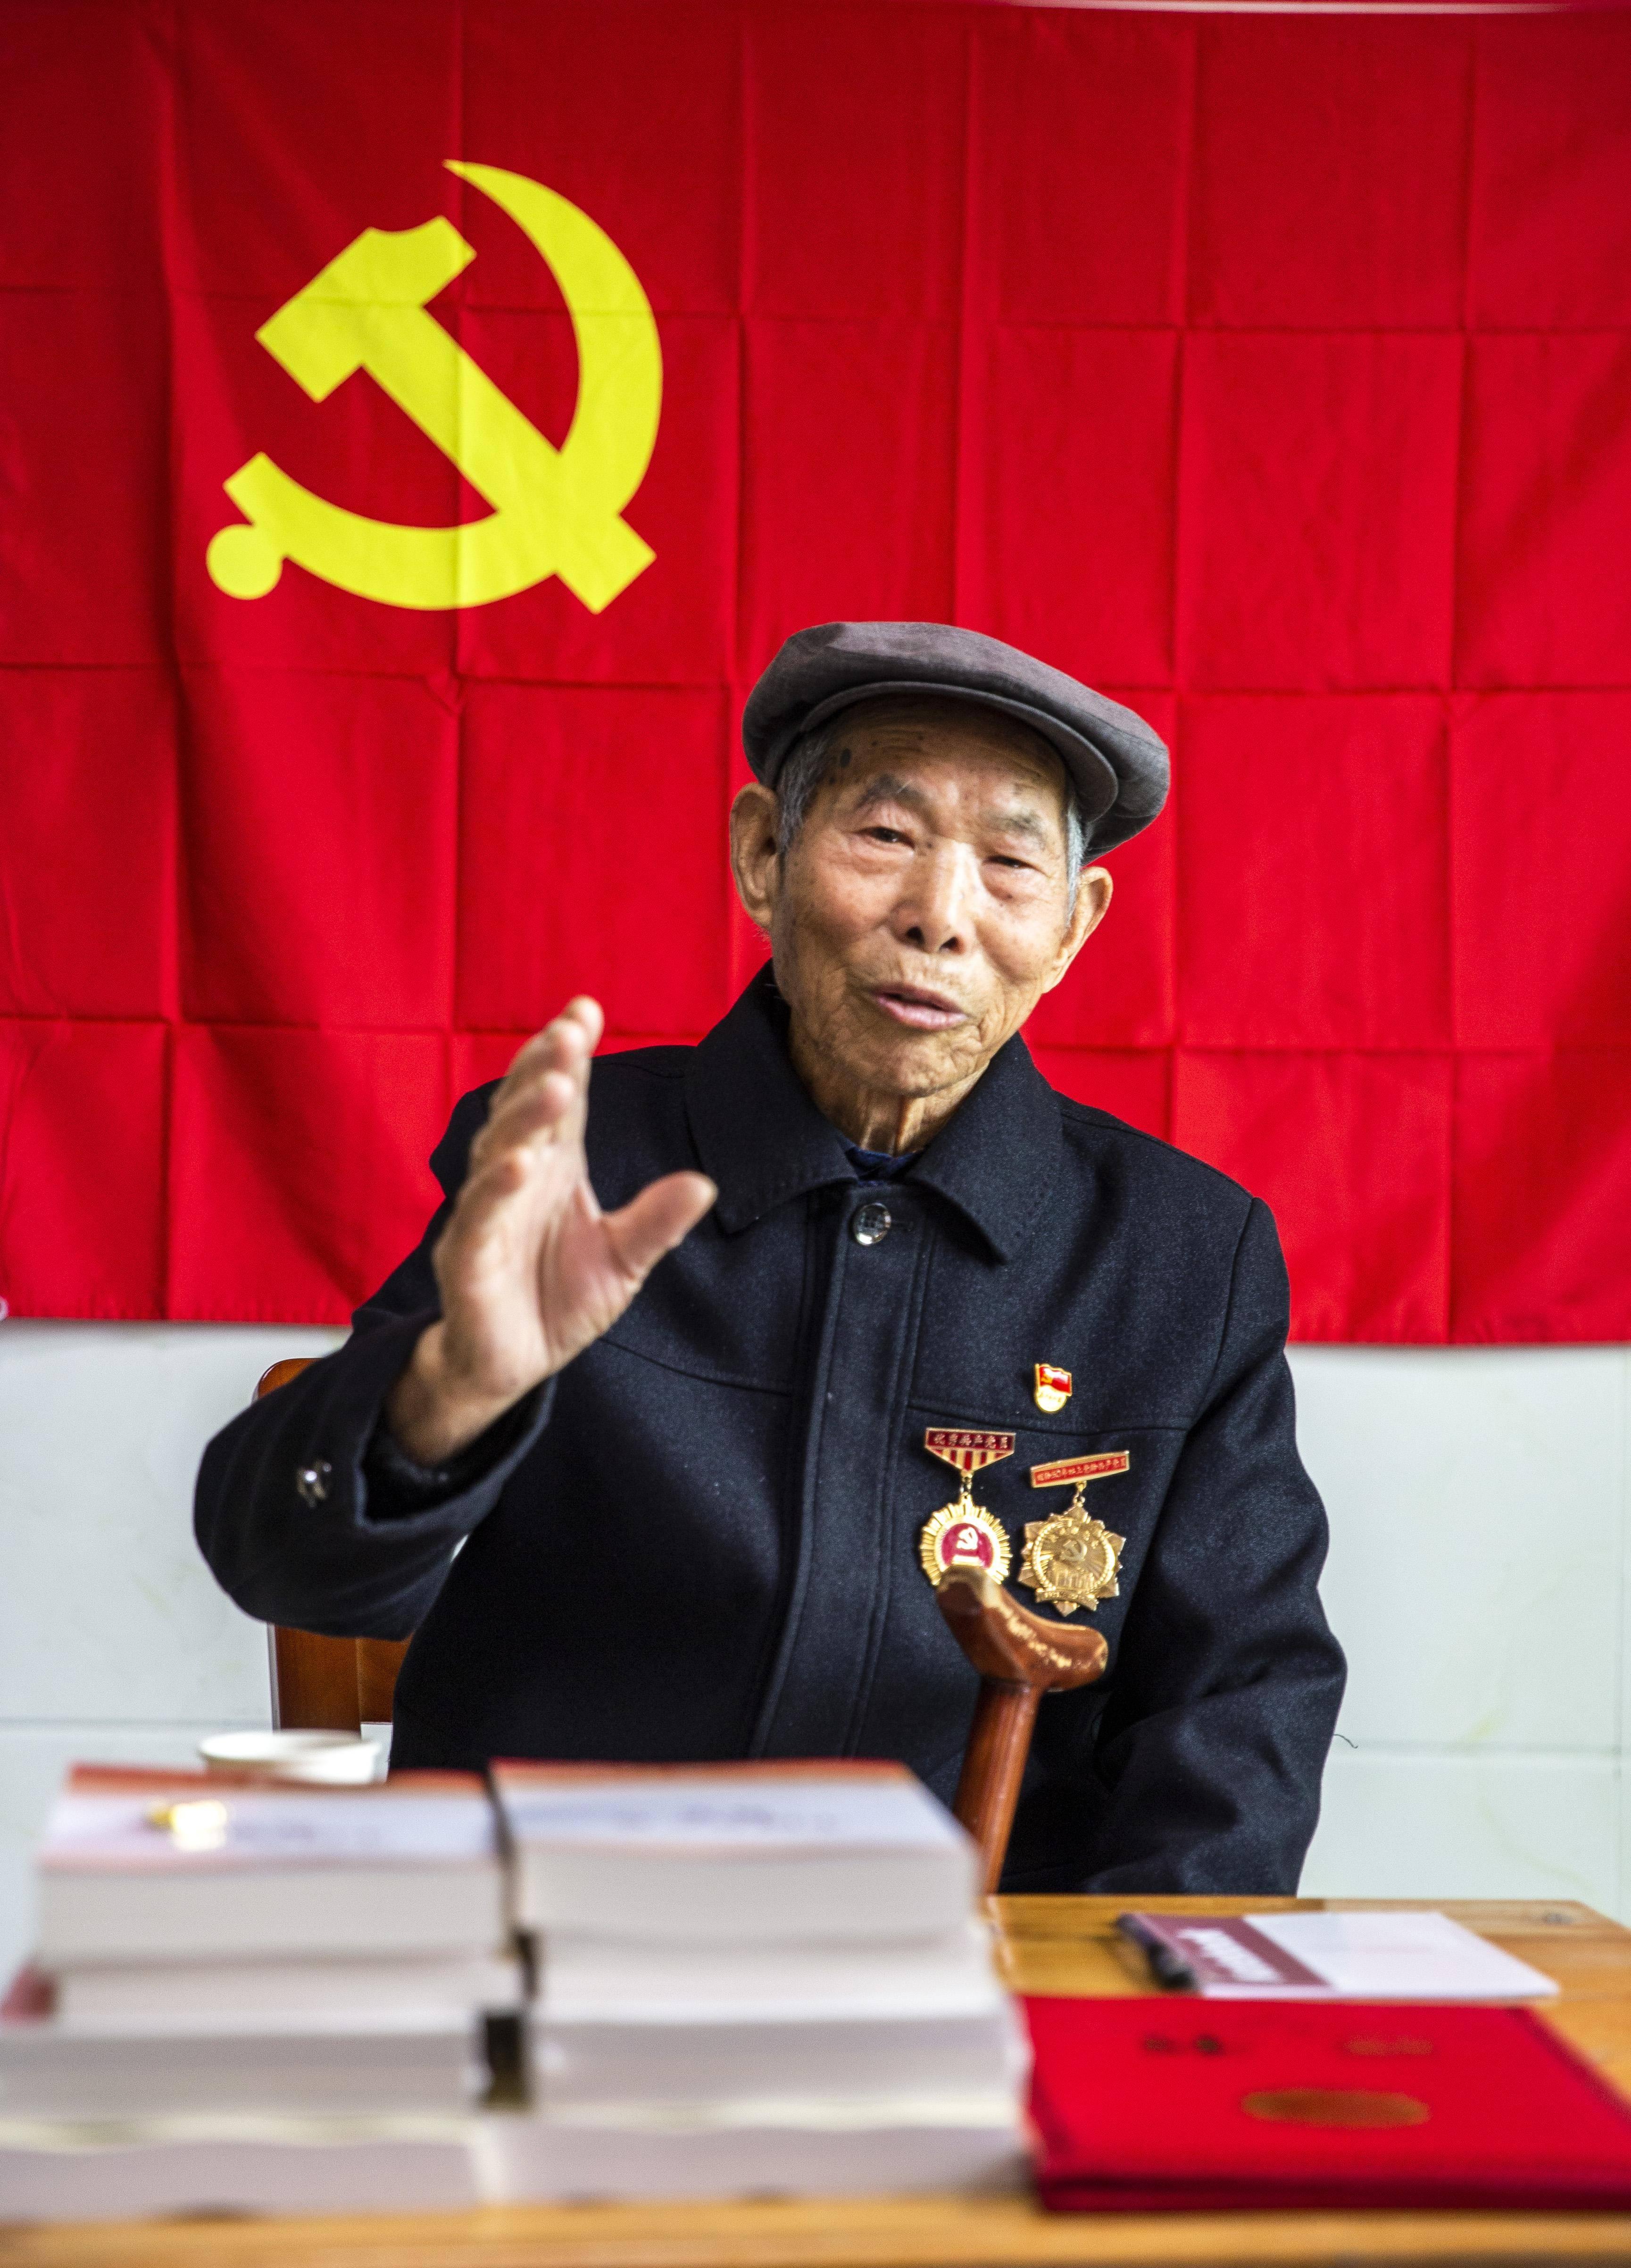 党史活教材,67年党龄老人屋场党课开讲了插图(3)